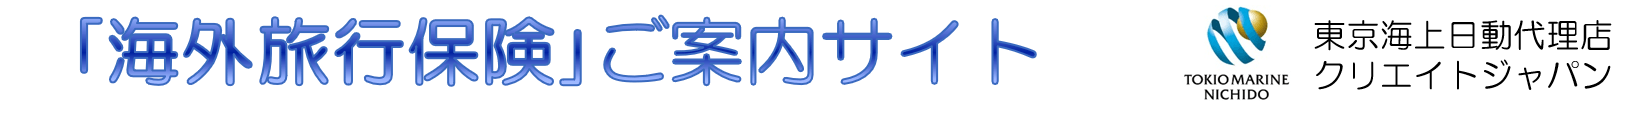 東京海上日動の「海外旅行保険」ご案内サイト